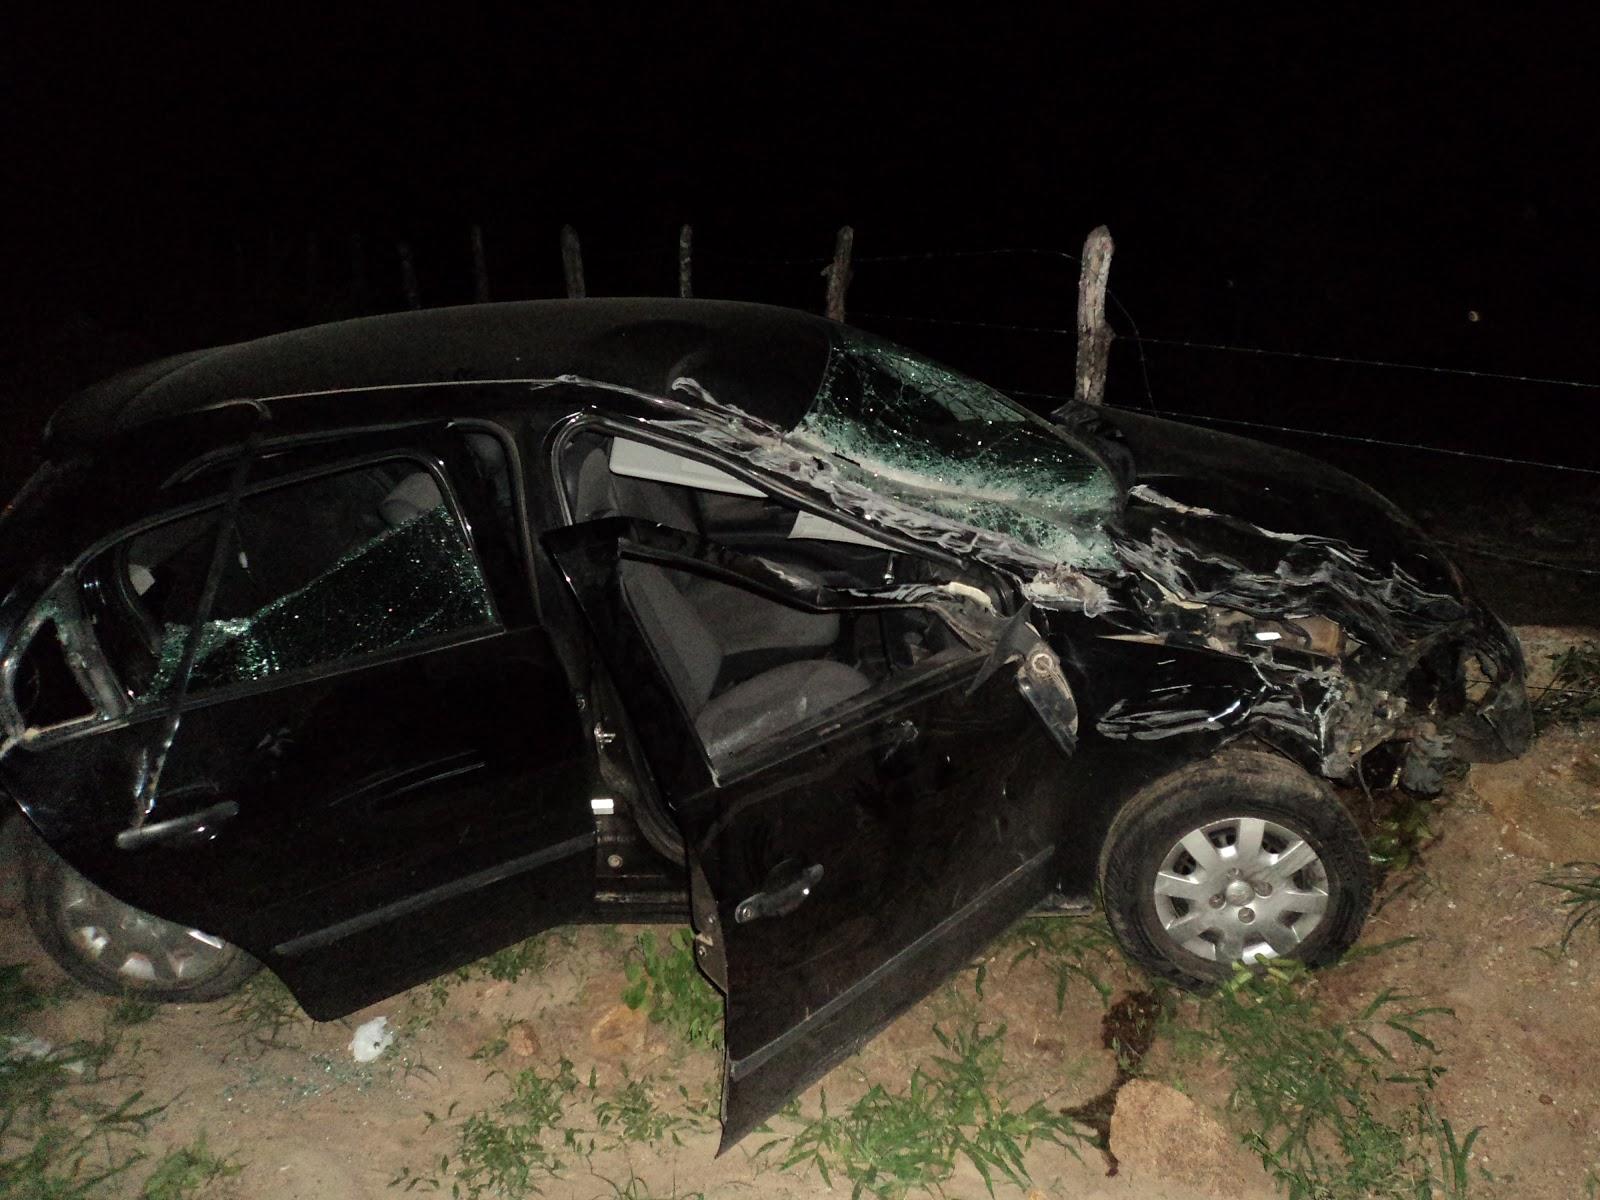 Acidente Santana Lopes: Acidente Com Vítima Fatal Na BA 414, Estrada Que Liga